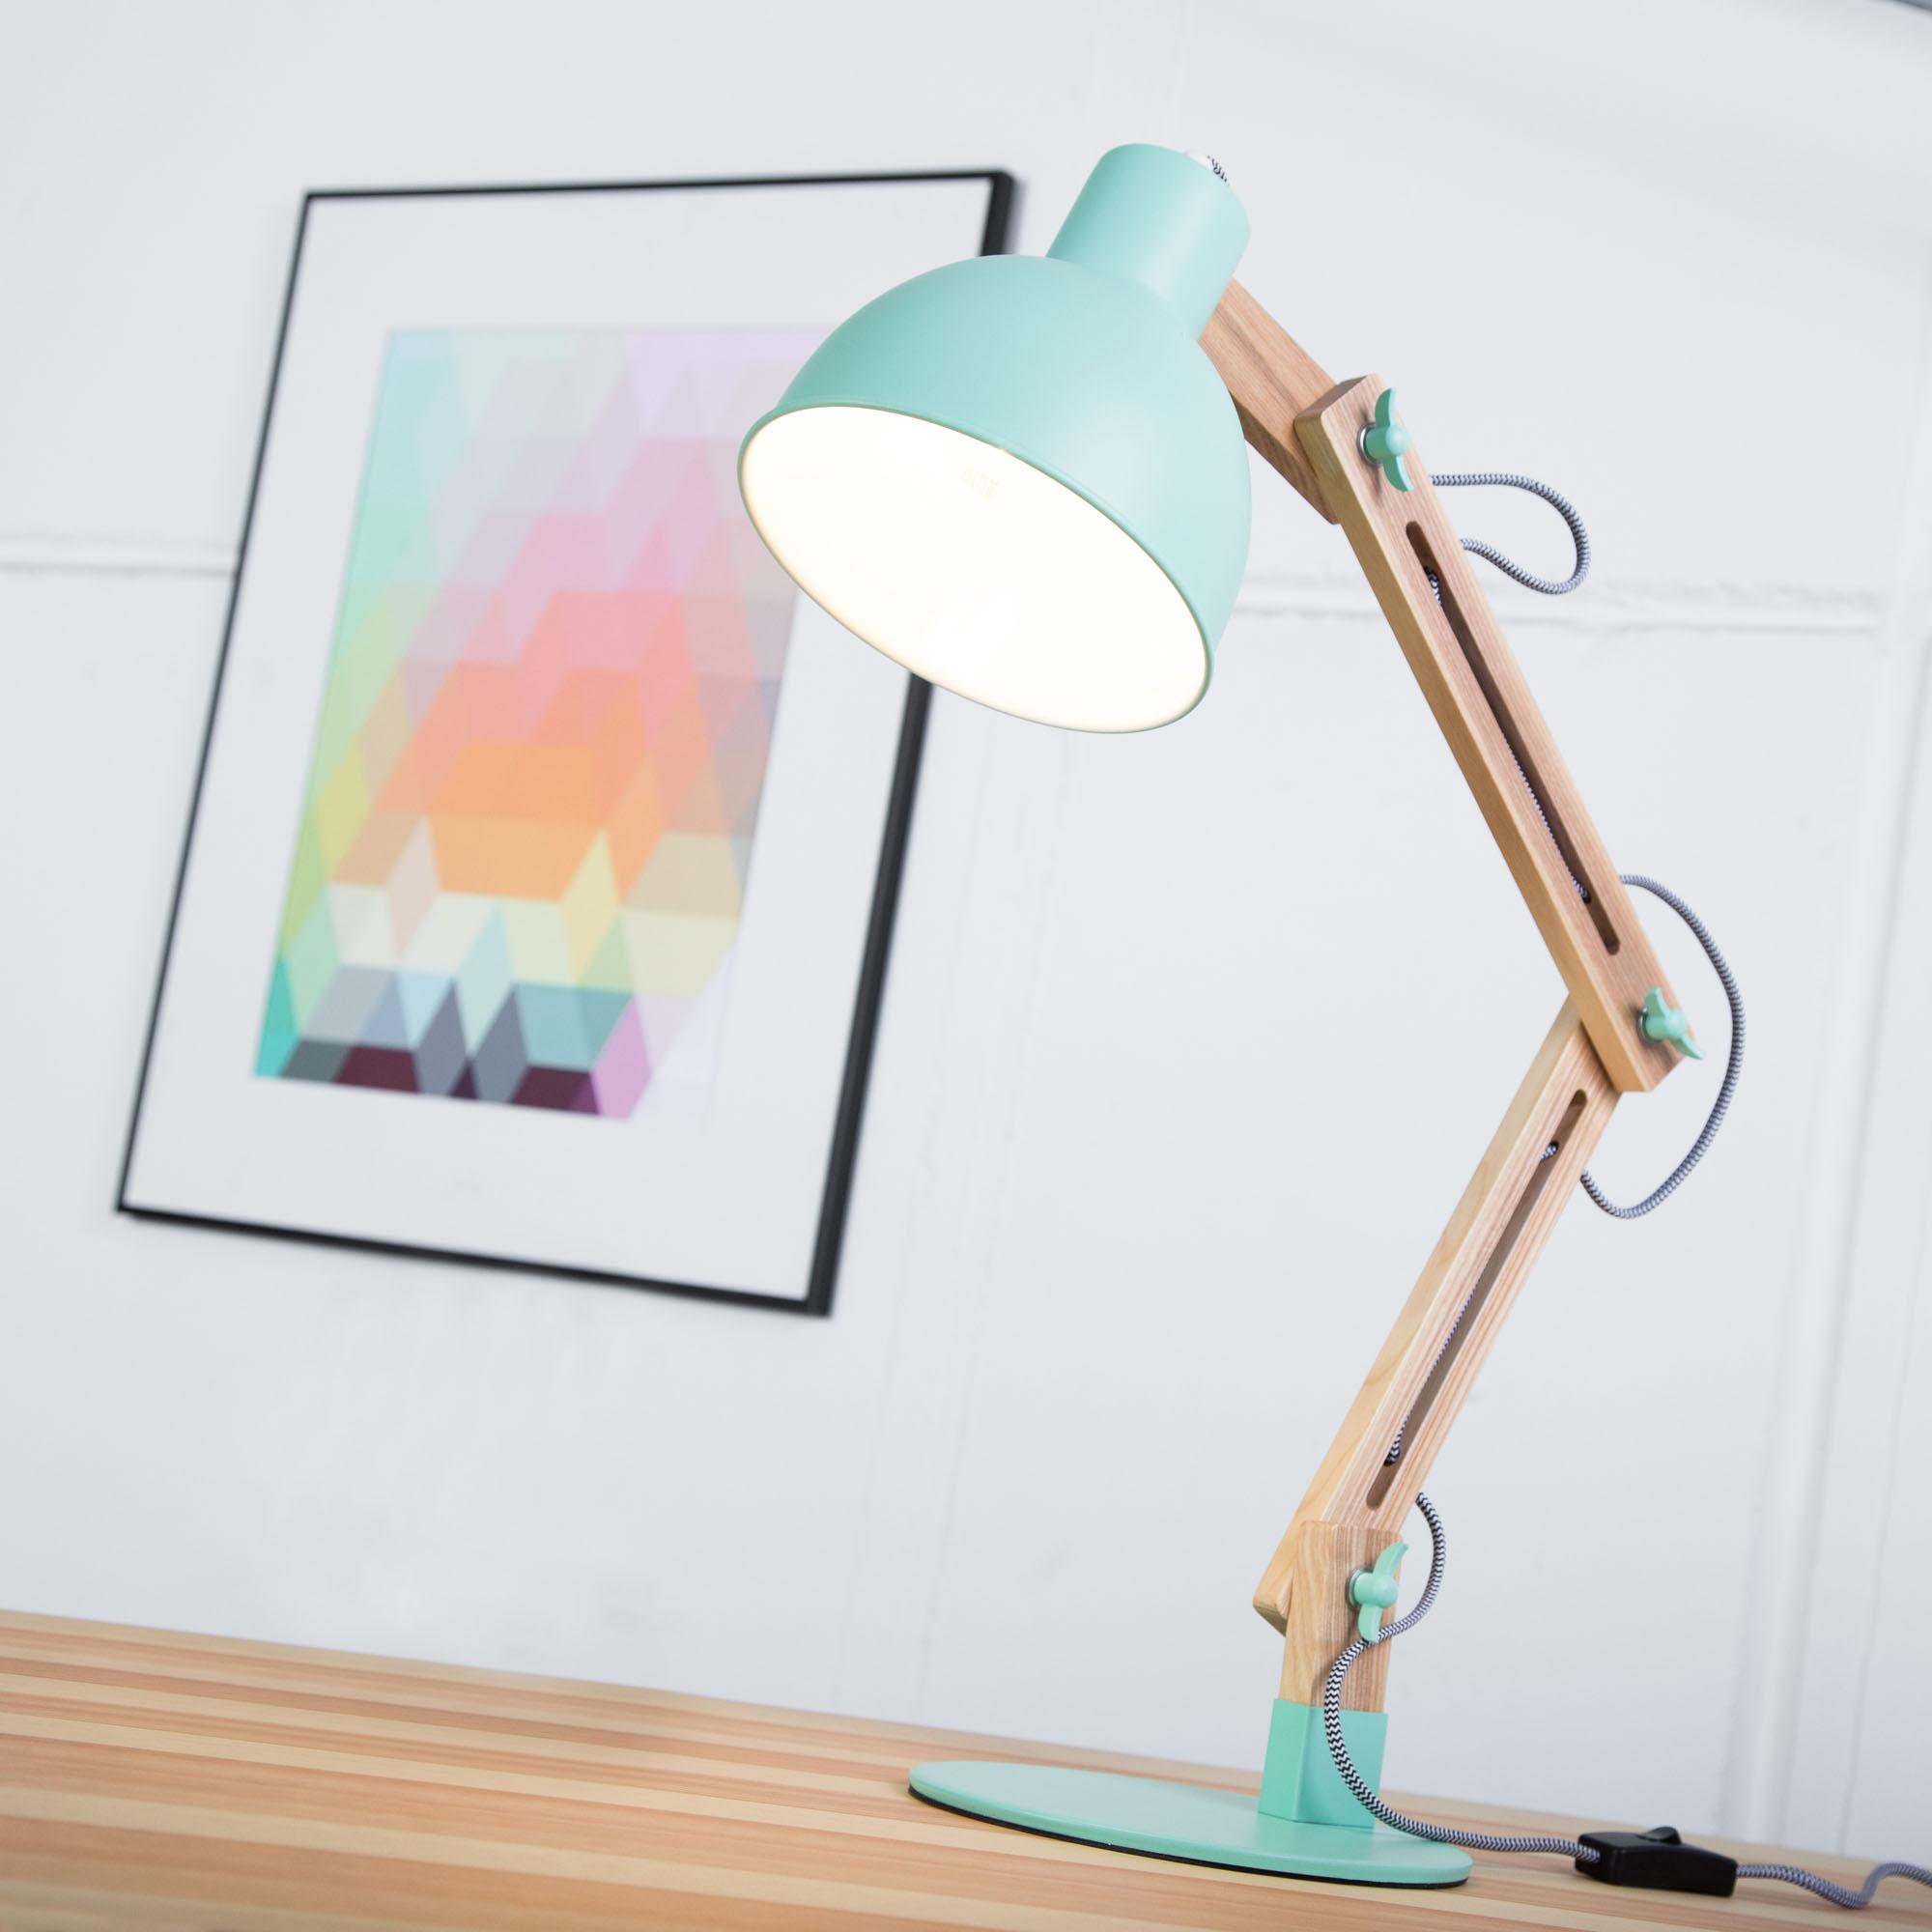 Moderne Tischleuchte Im Nordic Design Mit Textilkabel Und Gestell